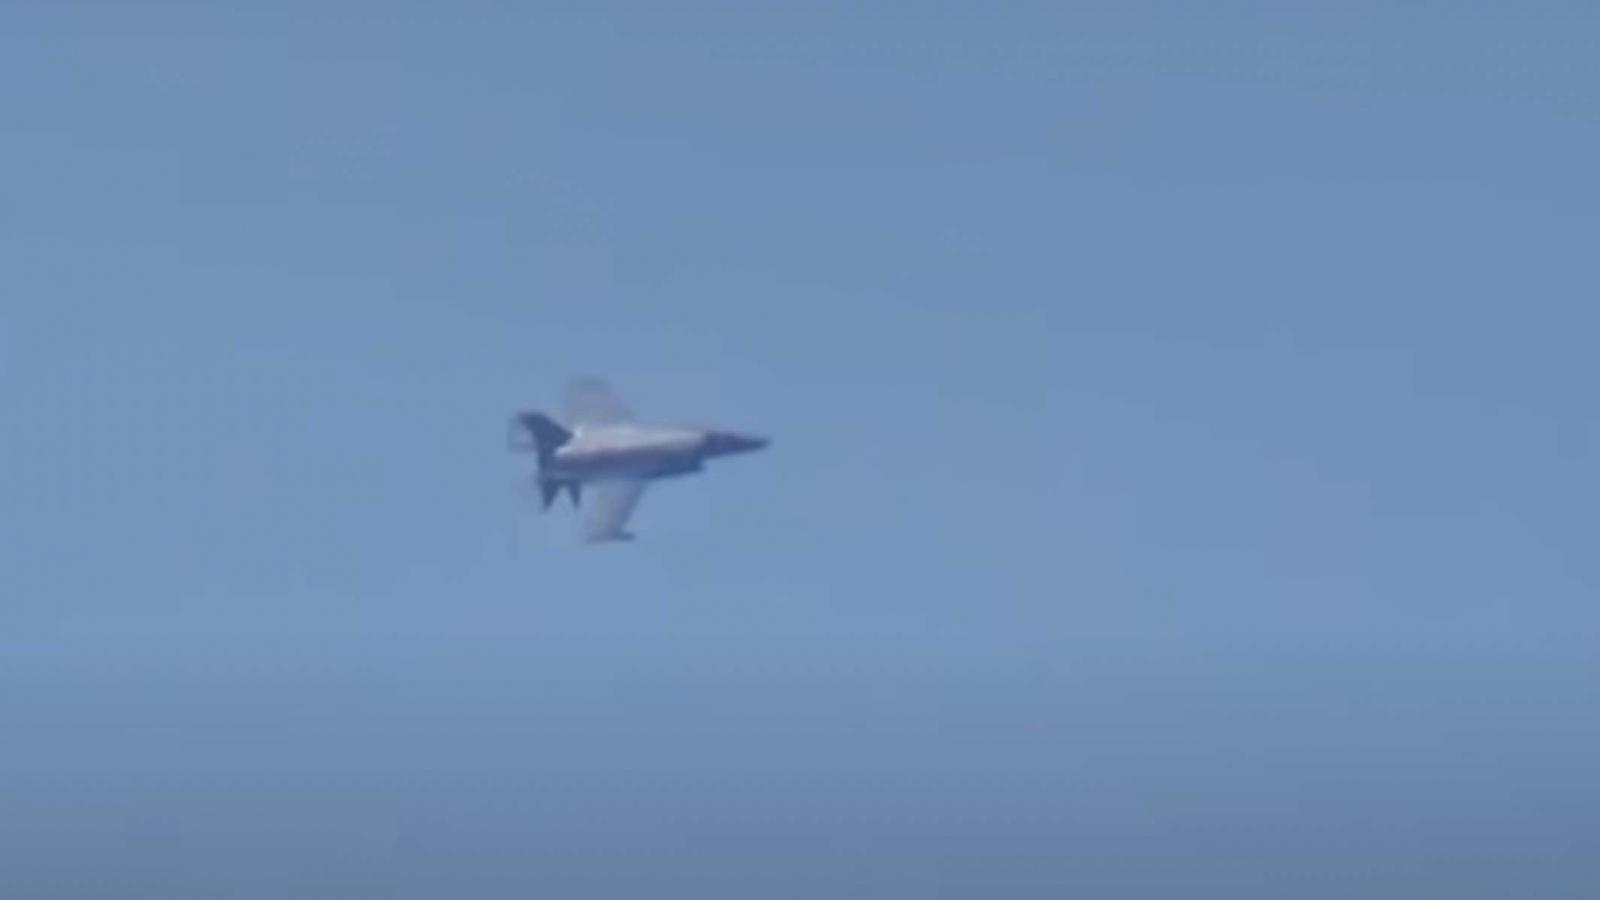 Anh điều tiêm kích F-35 theo dõi Nga tập trận ở Địa Trung Hải